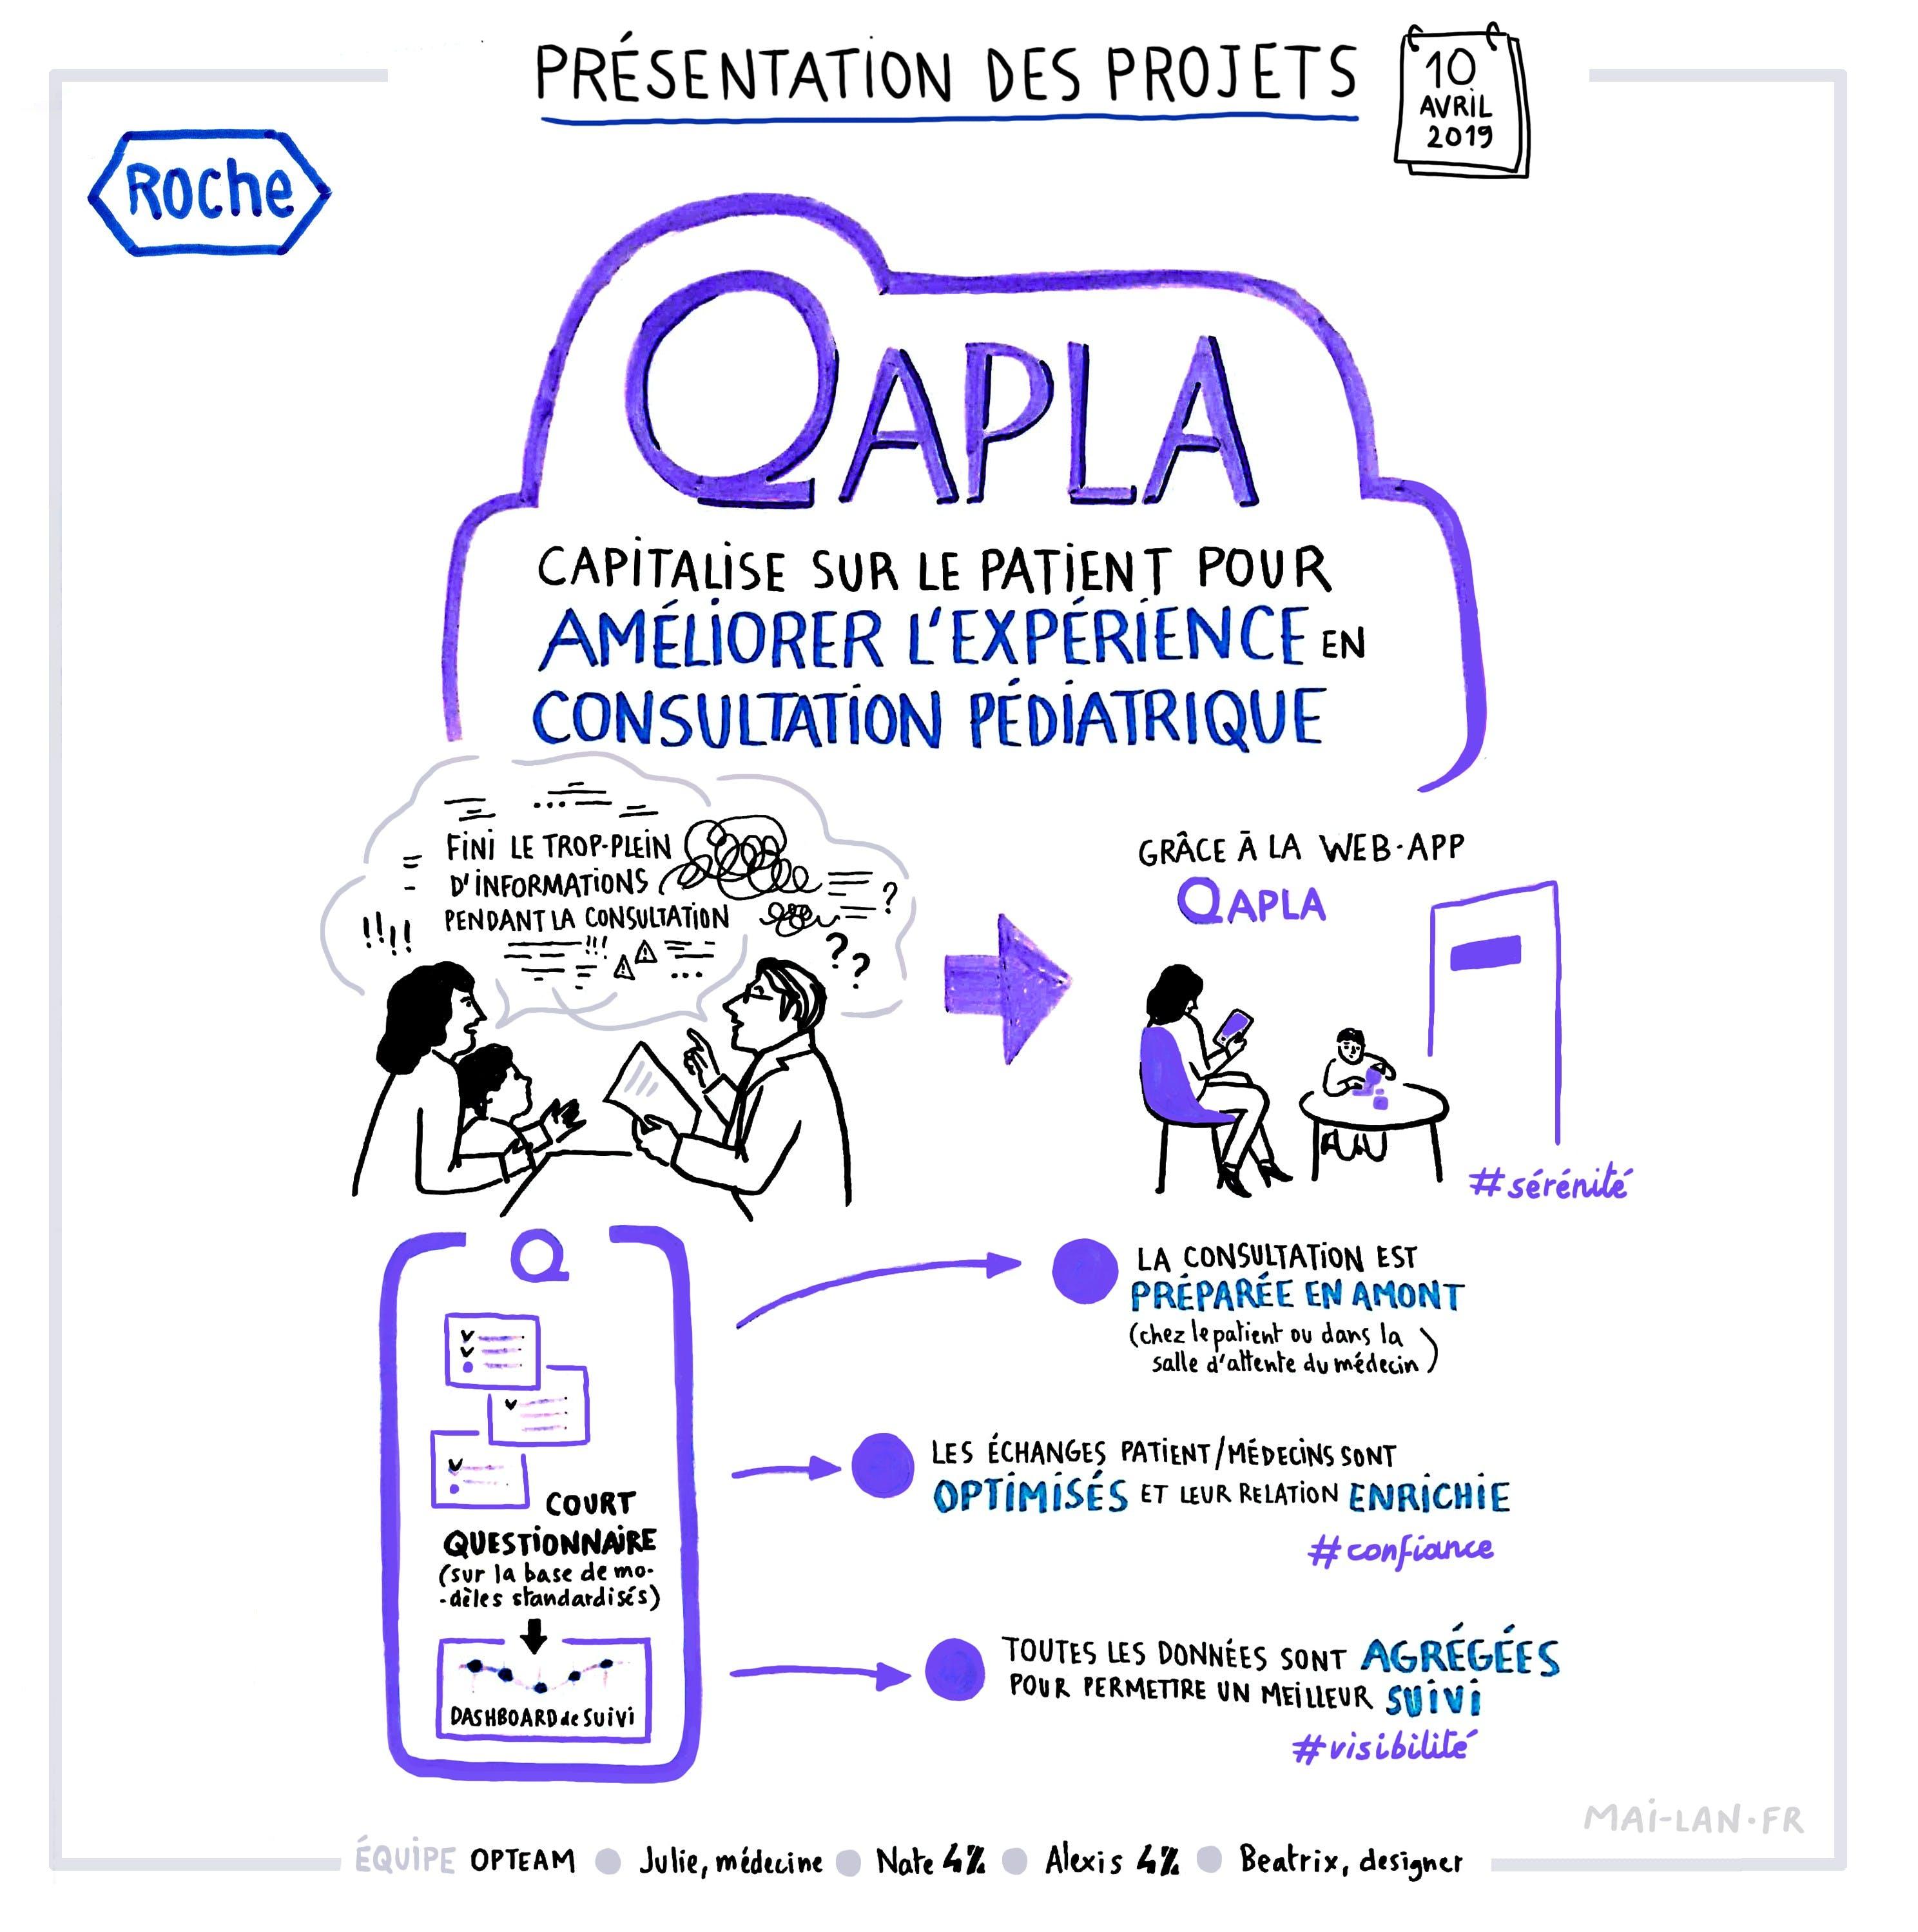 Qapla consultation pédiatrique